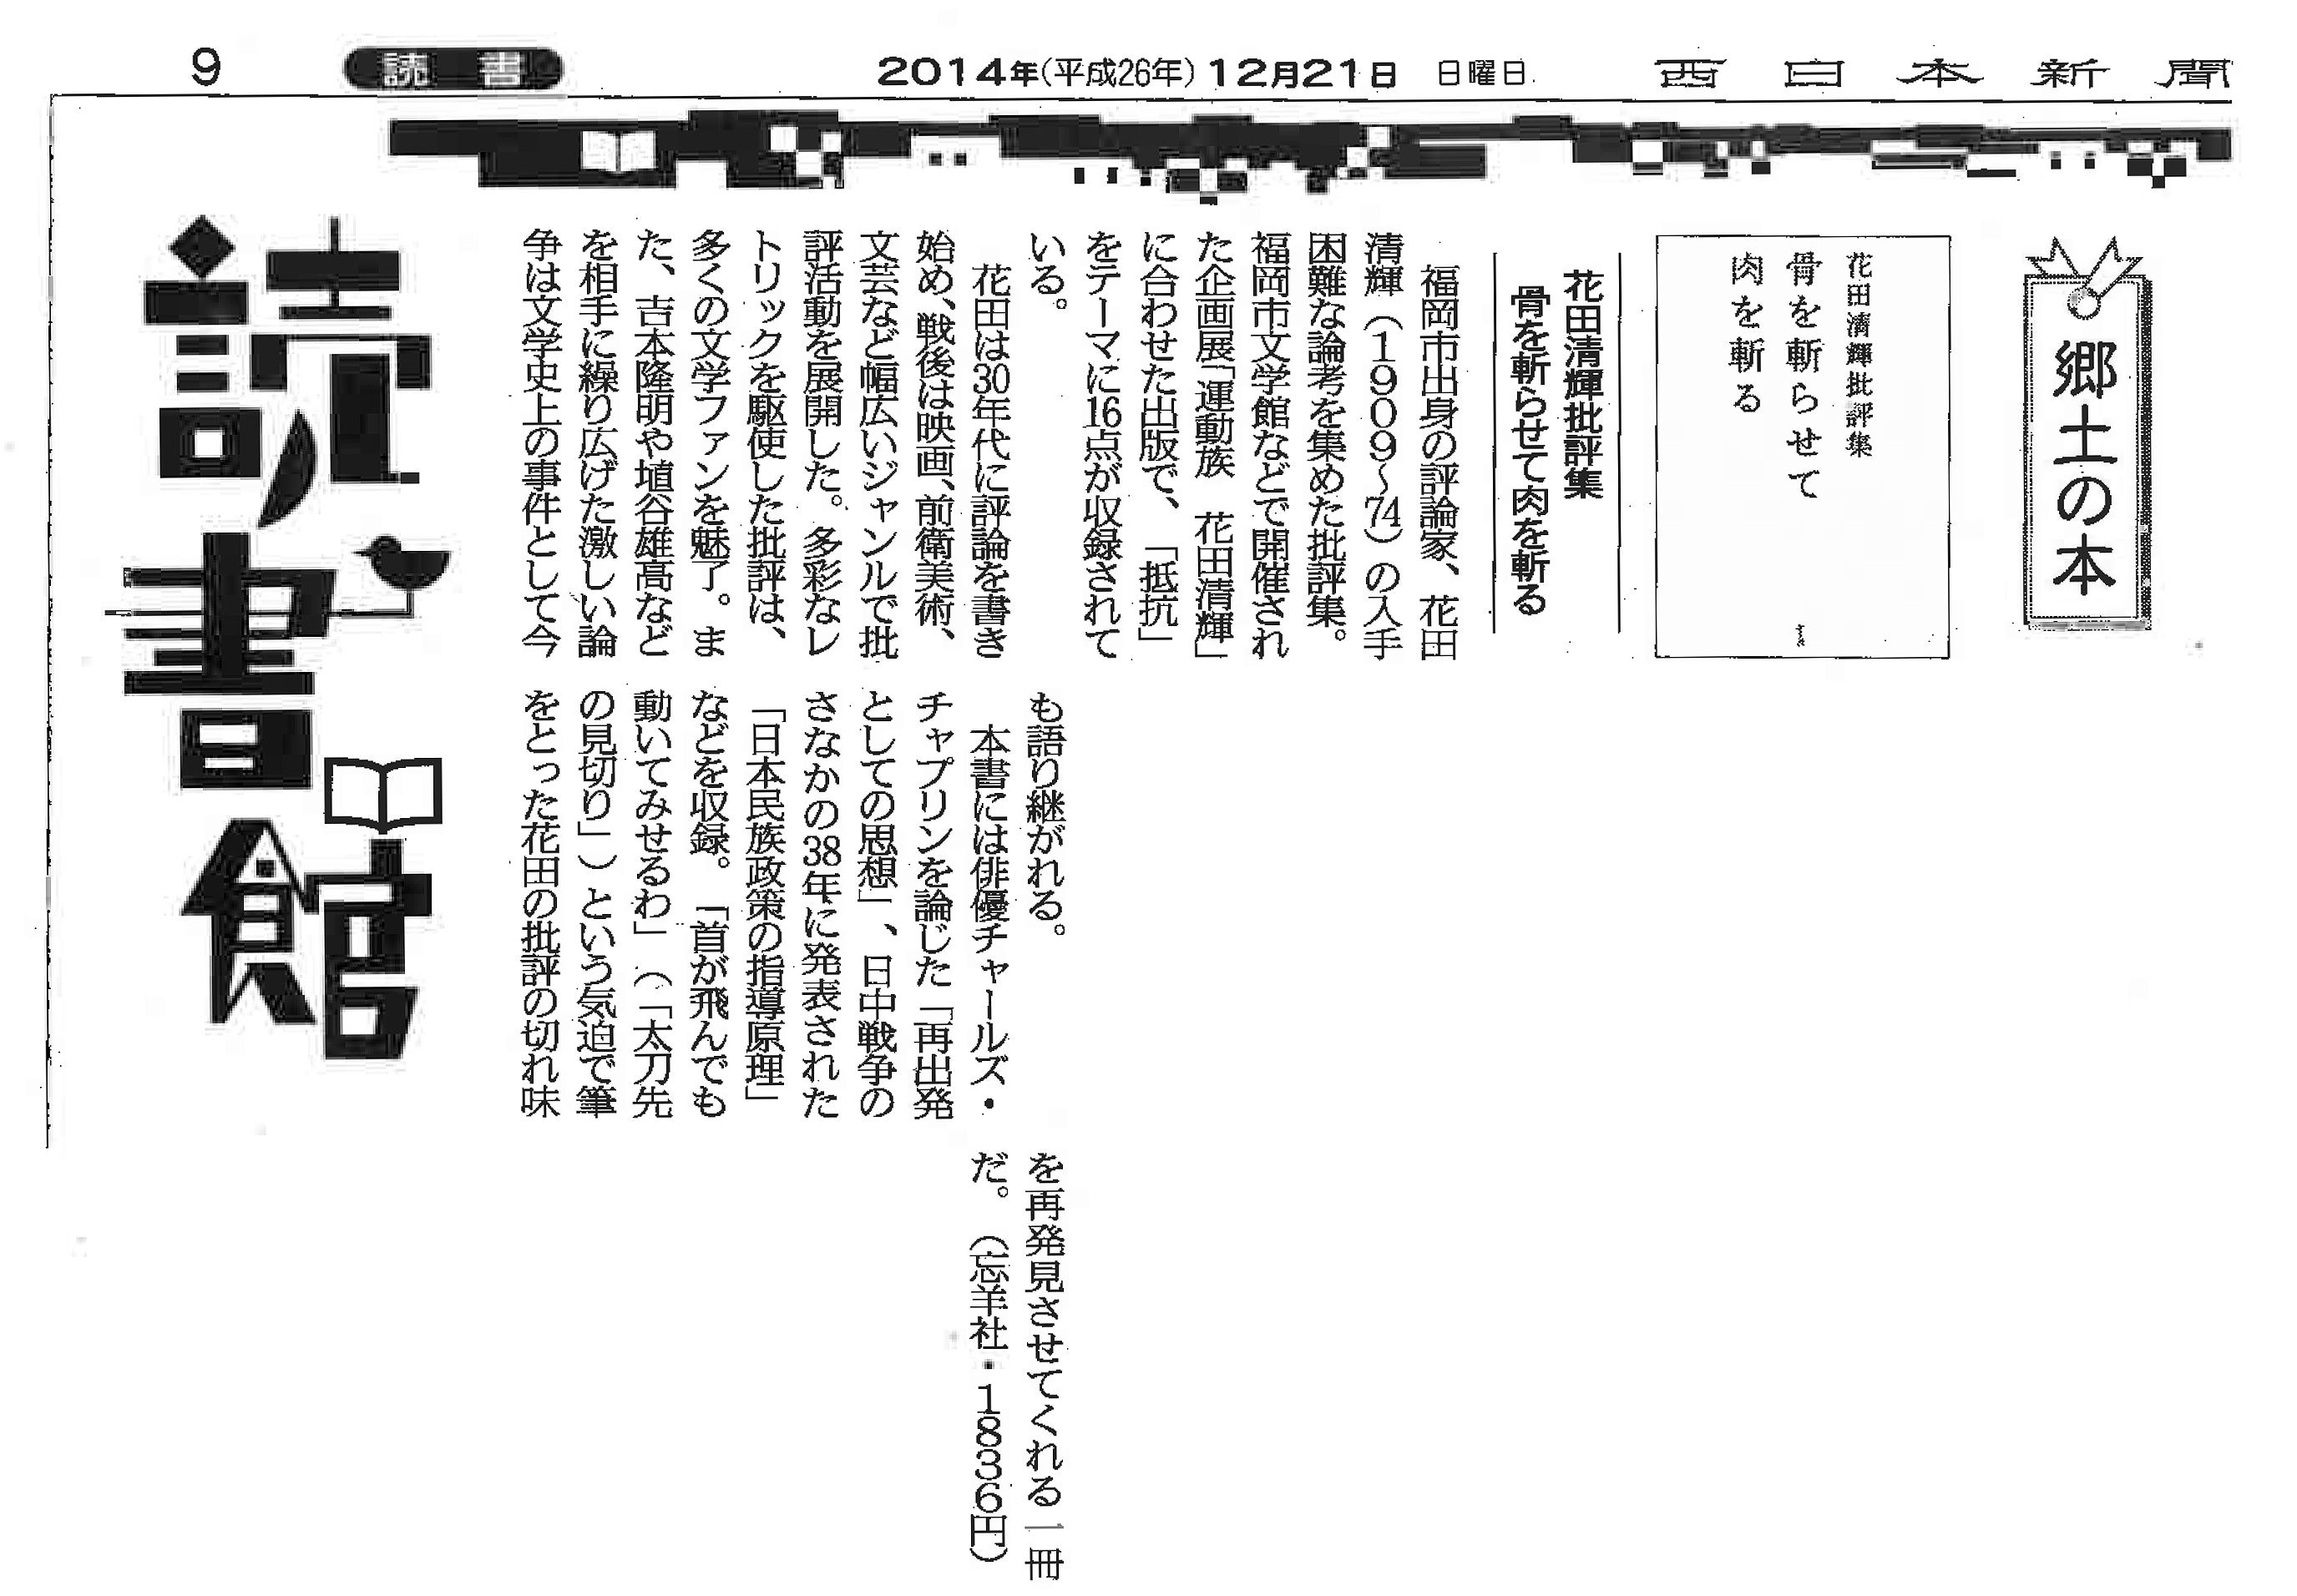 KM_C224e-20141221124000